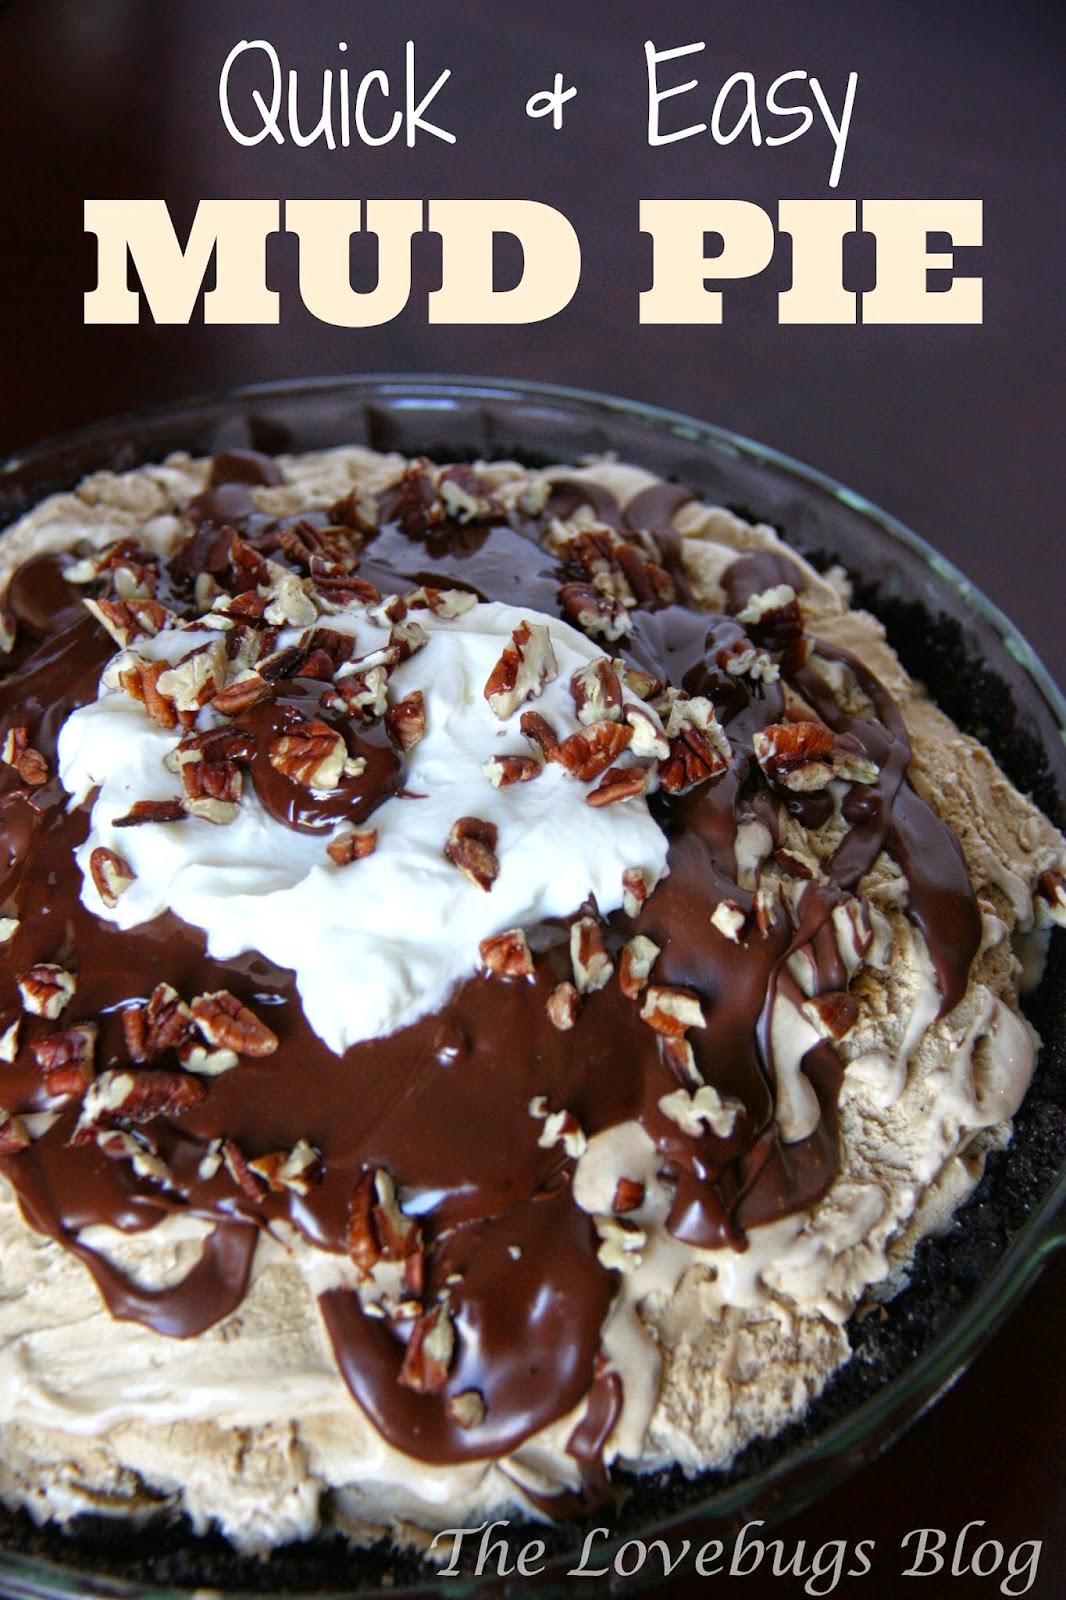 Quick & Easy Mud Pie Recipe